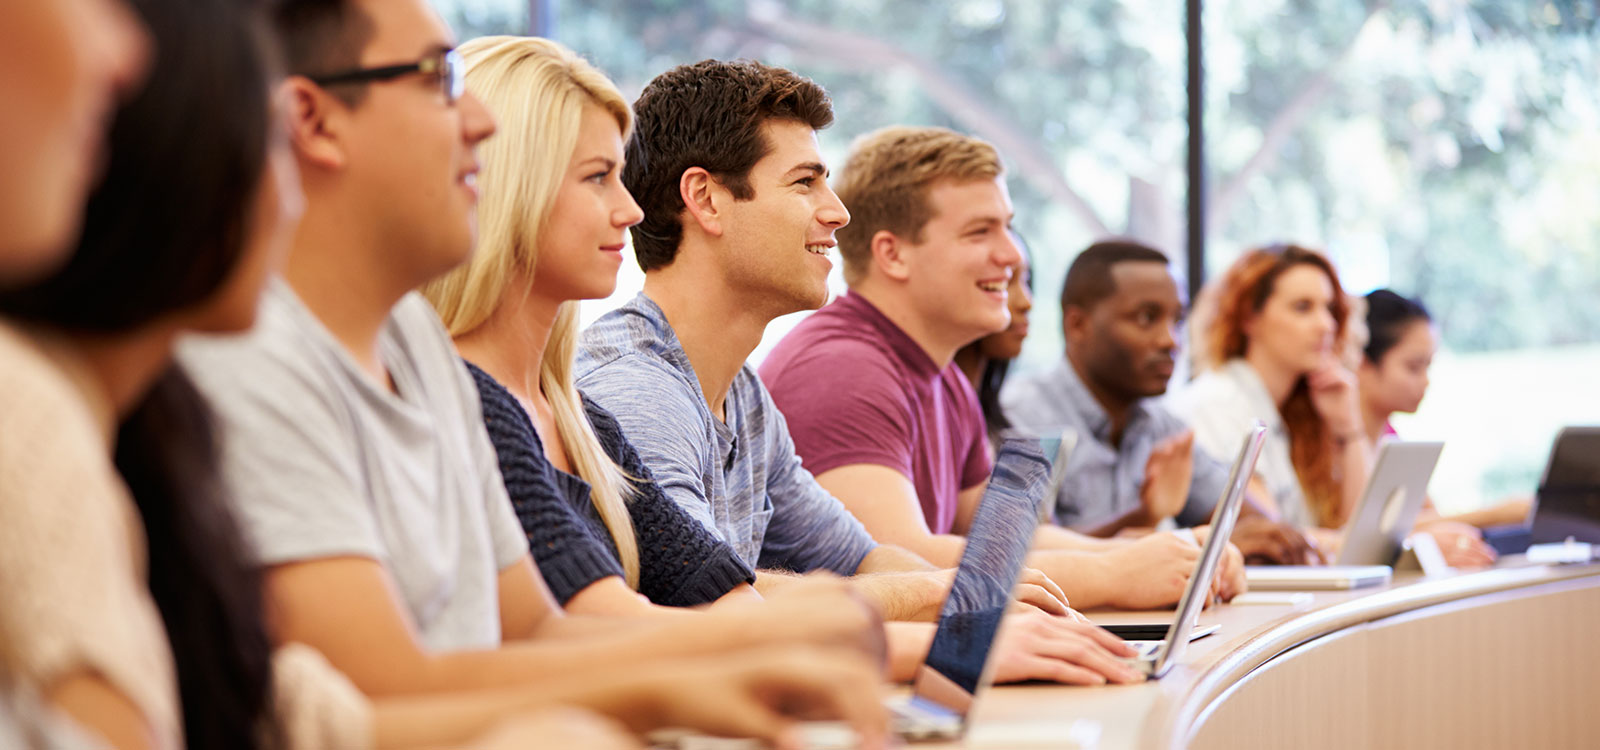 Le opportunità dell'insegnamento 2.0-big